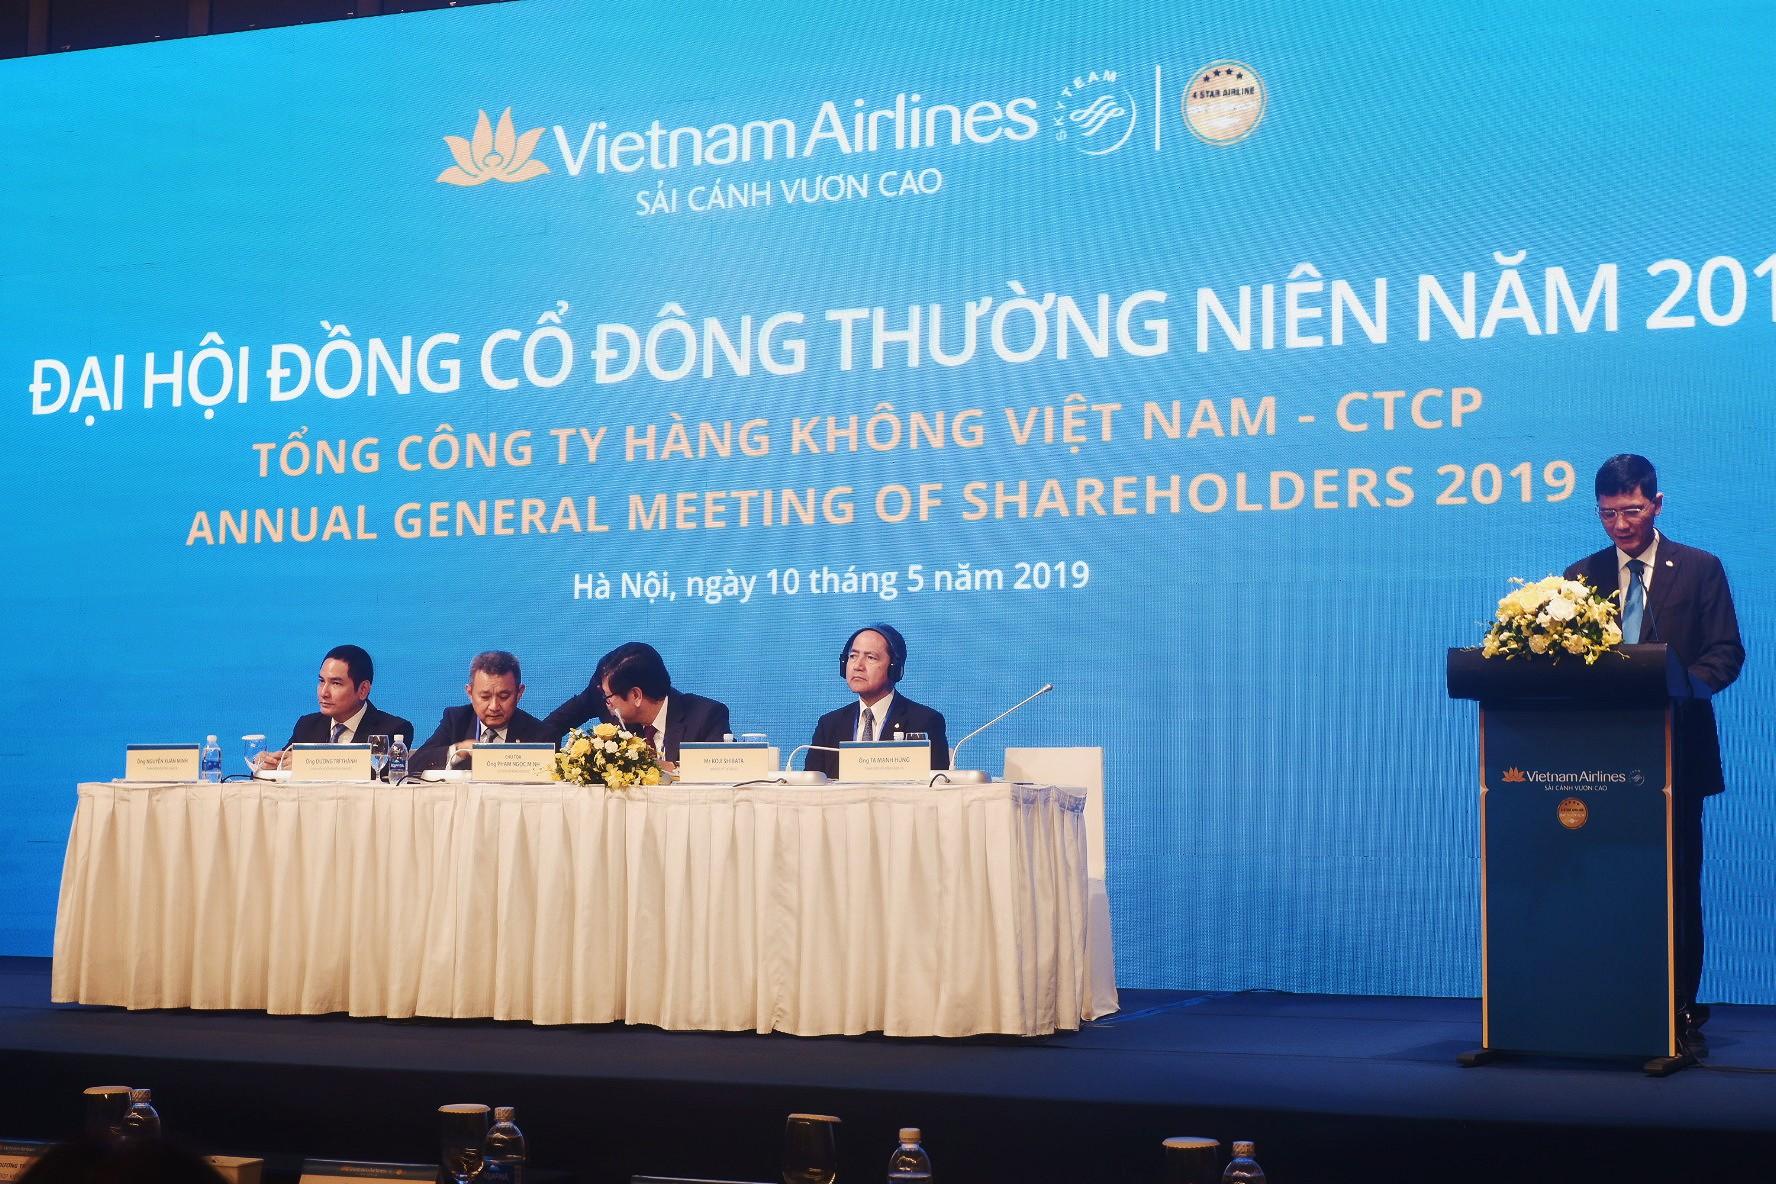 ĐHCĐ Vietnam Airlines: Các quí cuối năm nhiều khó khăn, cố gắng giảm lỗ - Ảnh 1.